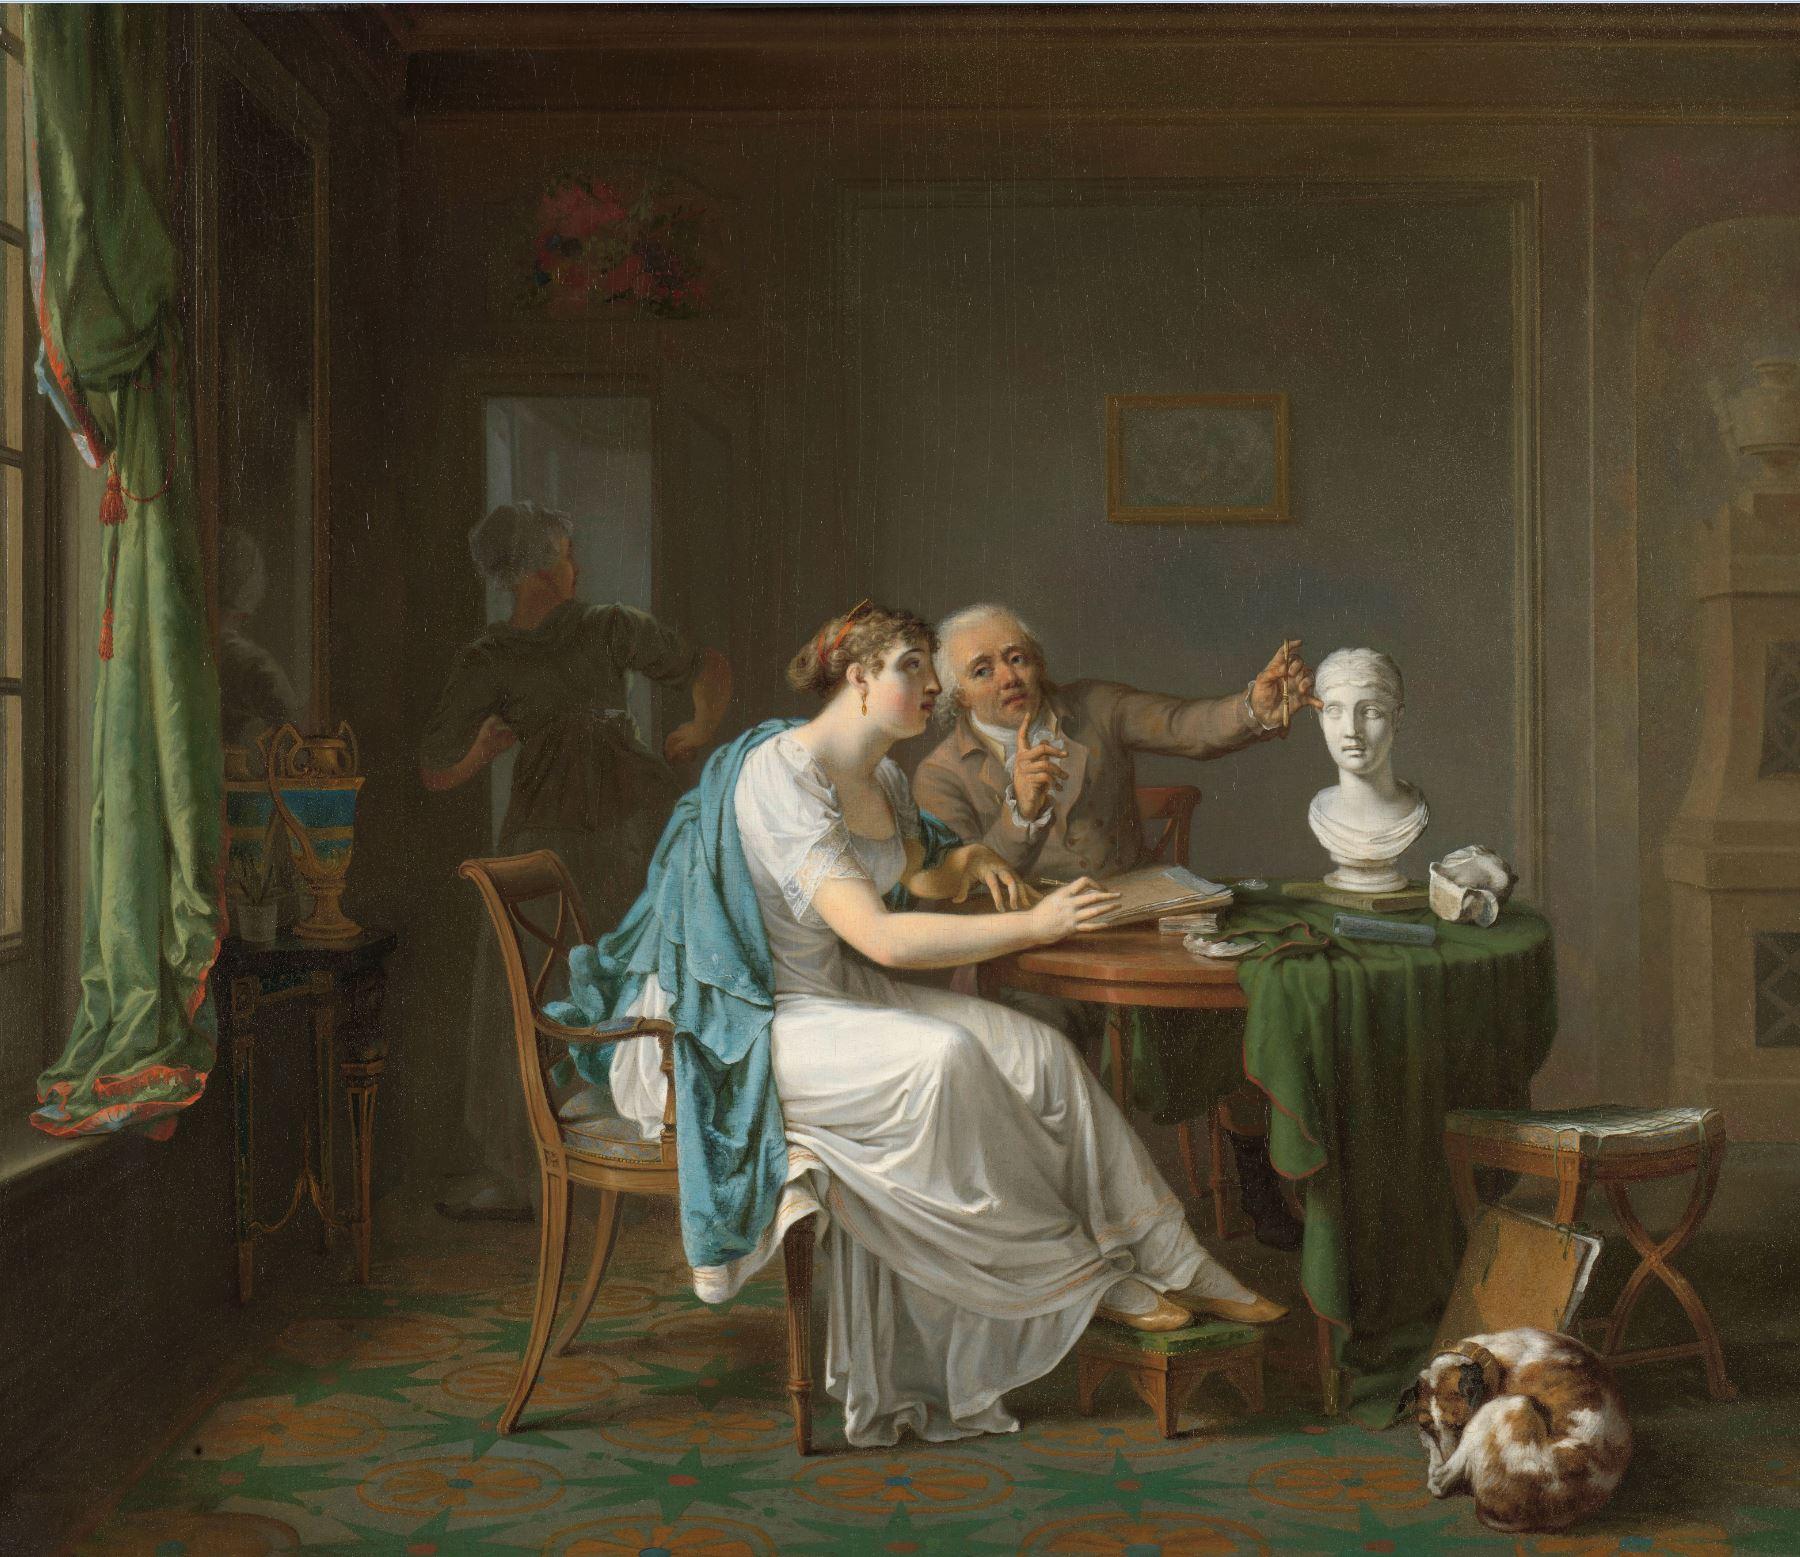 Louis Moritz 1808 La leçon de dessin Rikjsmuseum